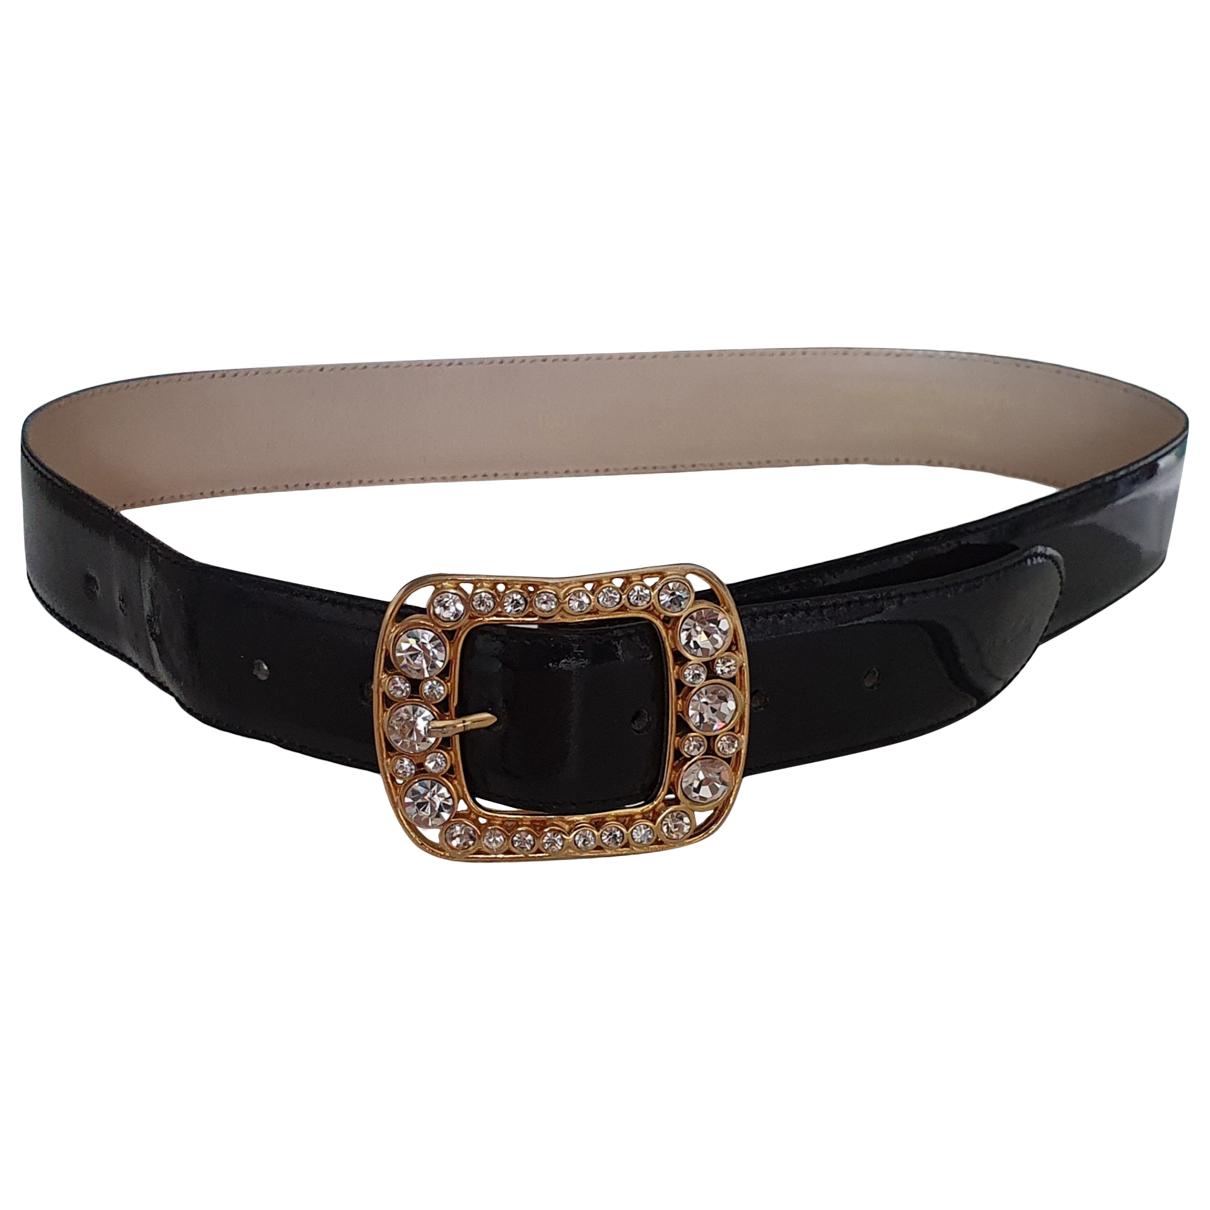 Pierre Cardin \N Black Patent leather belt for Women 80 cm